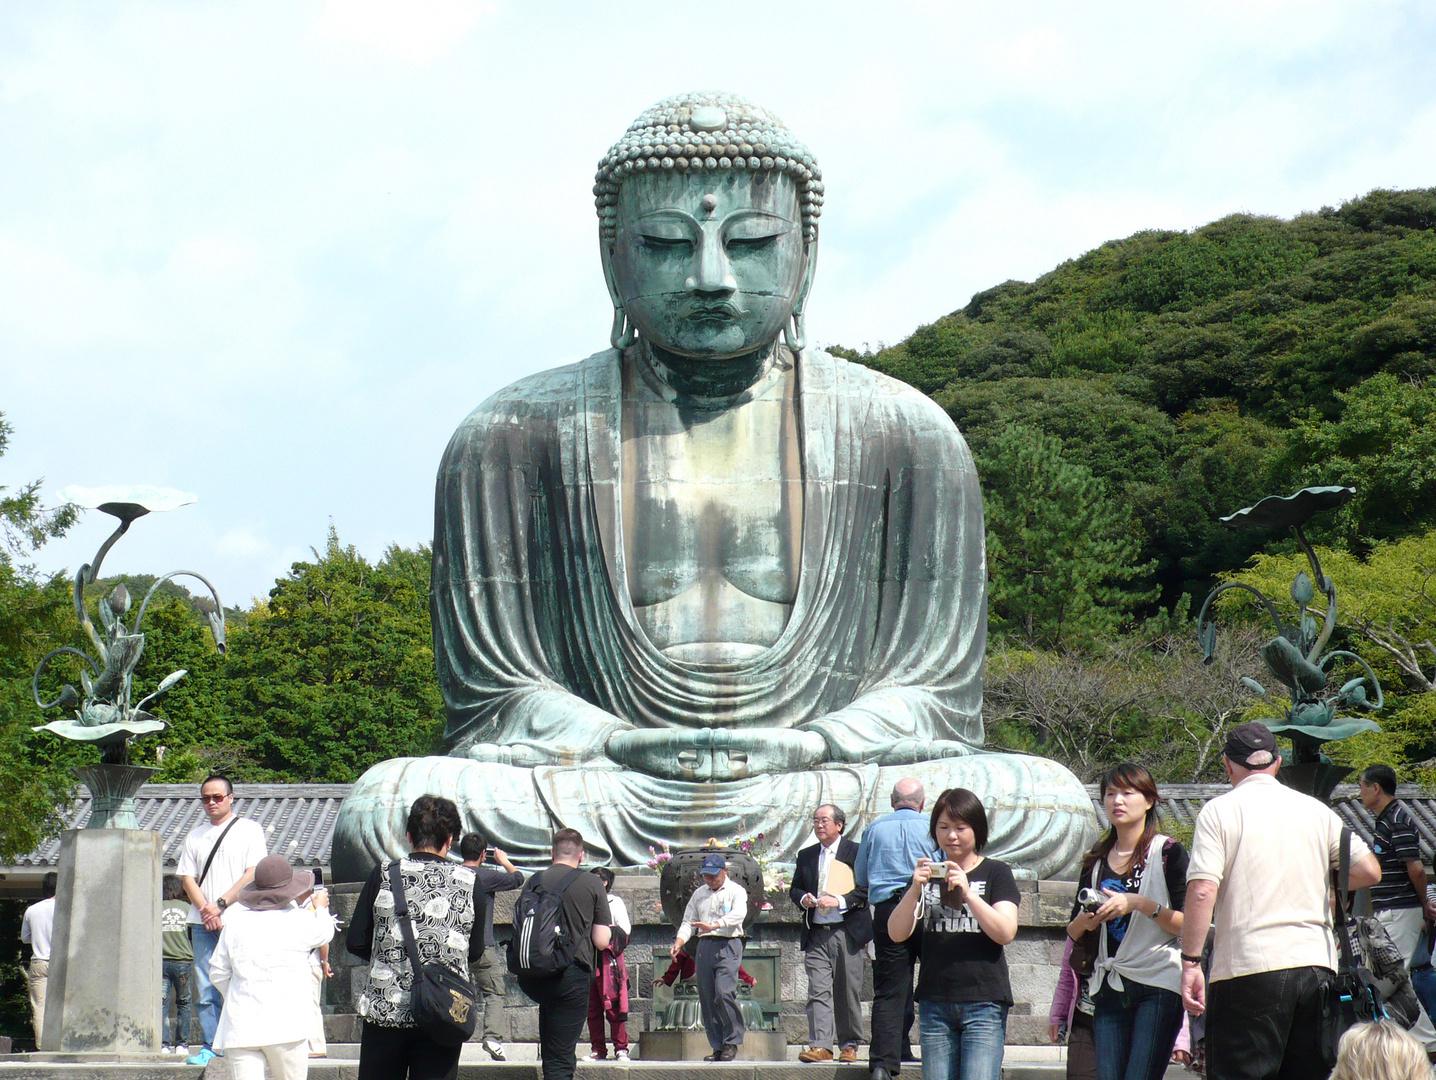 Der große Buddha von Kamakura